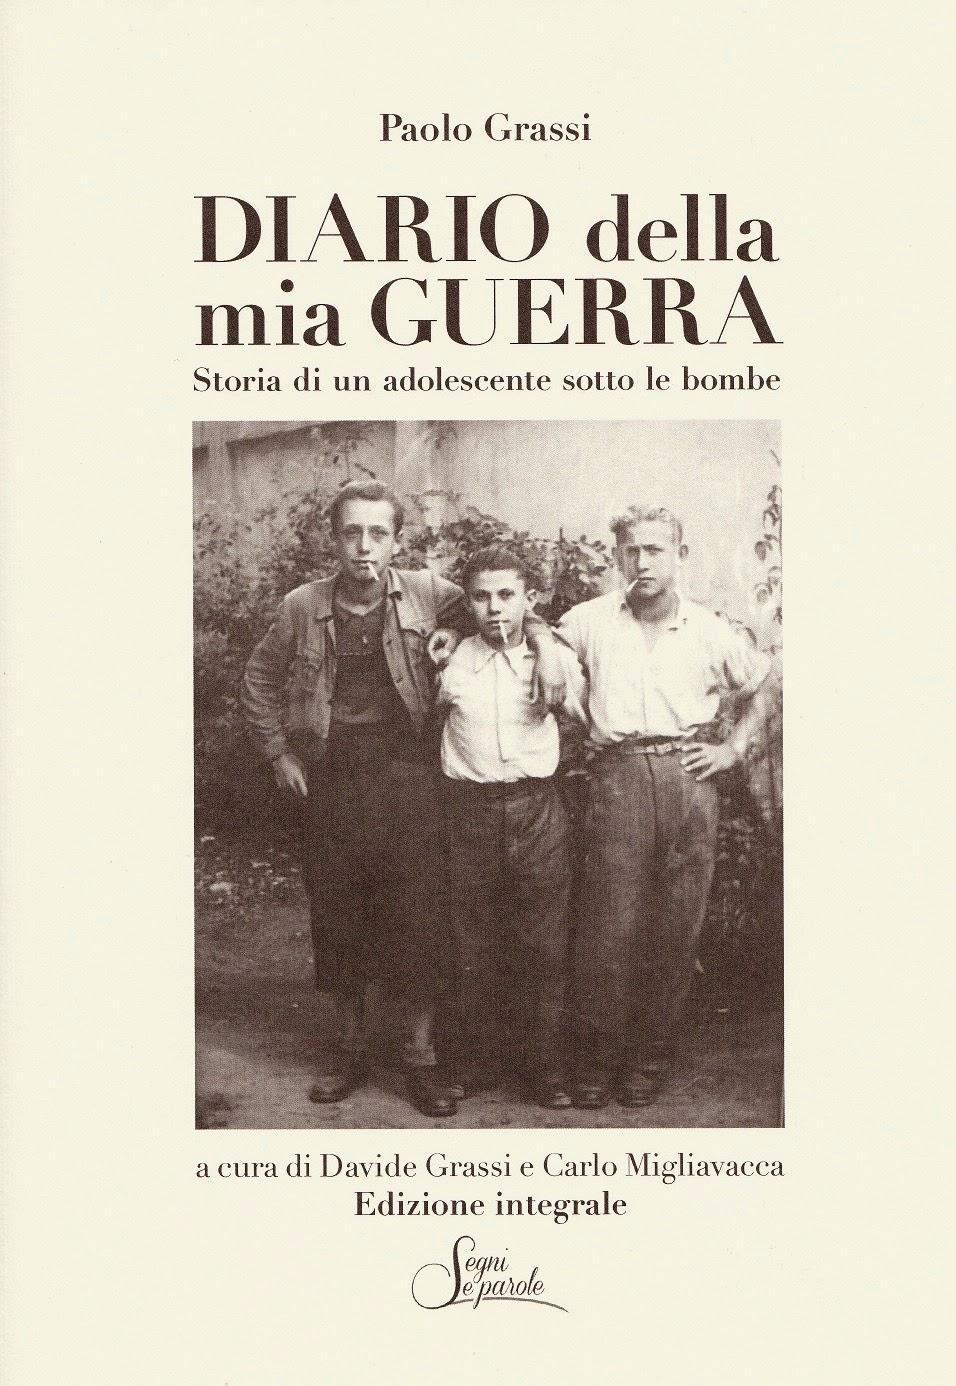 Diario della mia Guerra - Storia di un adolescente sotto le bombe